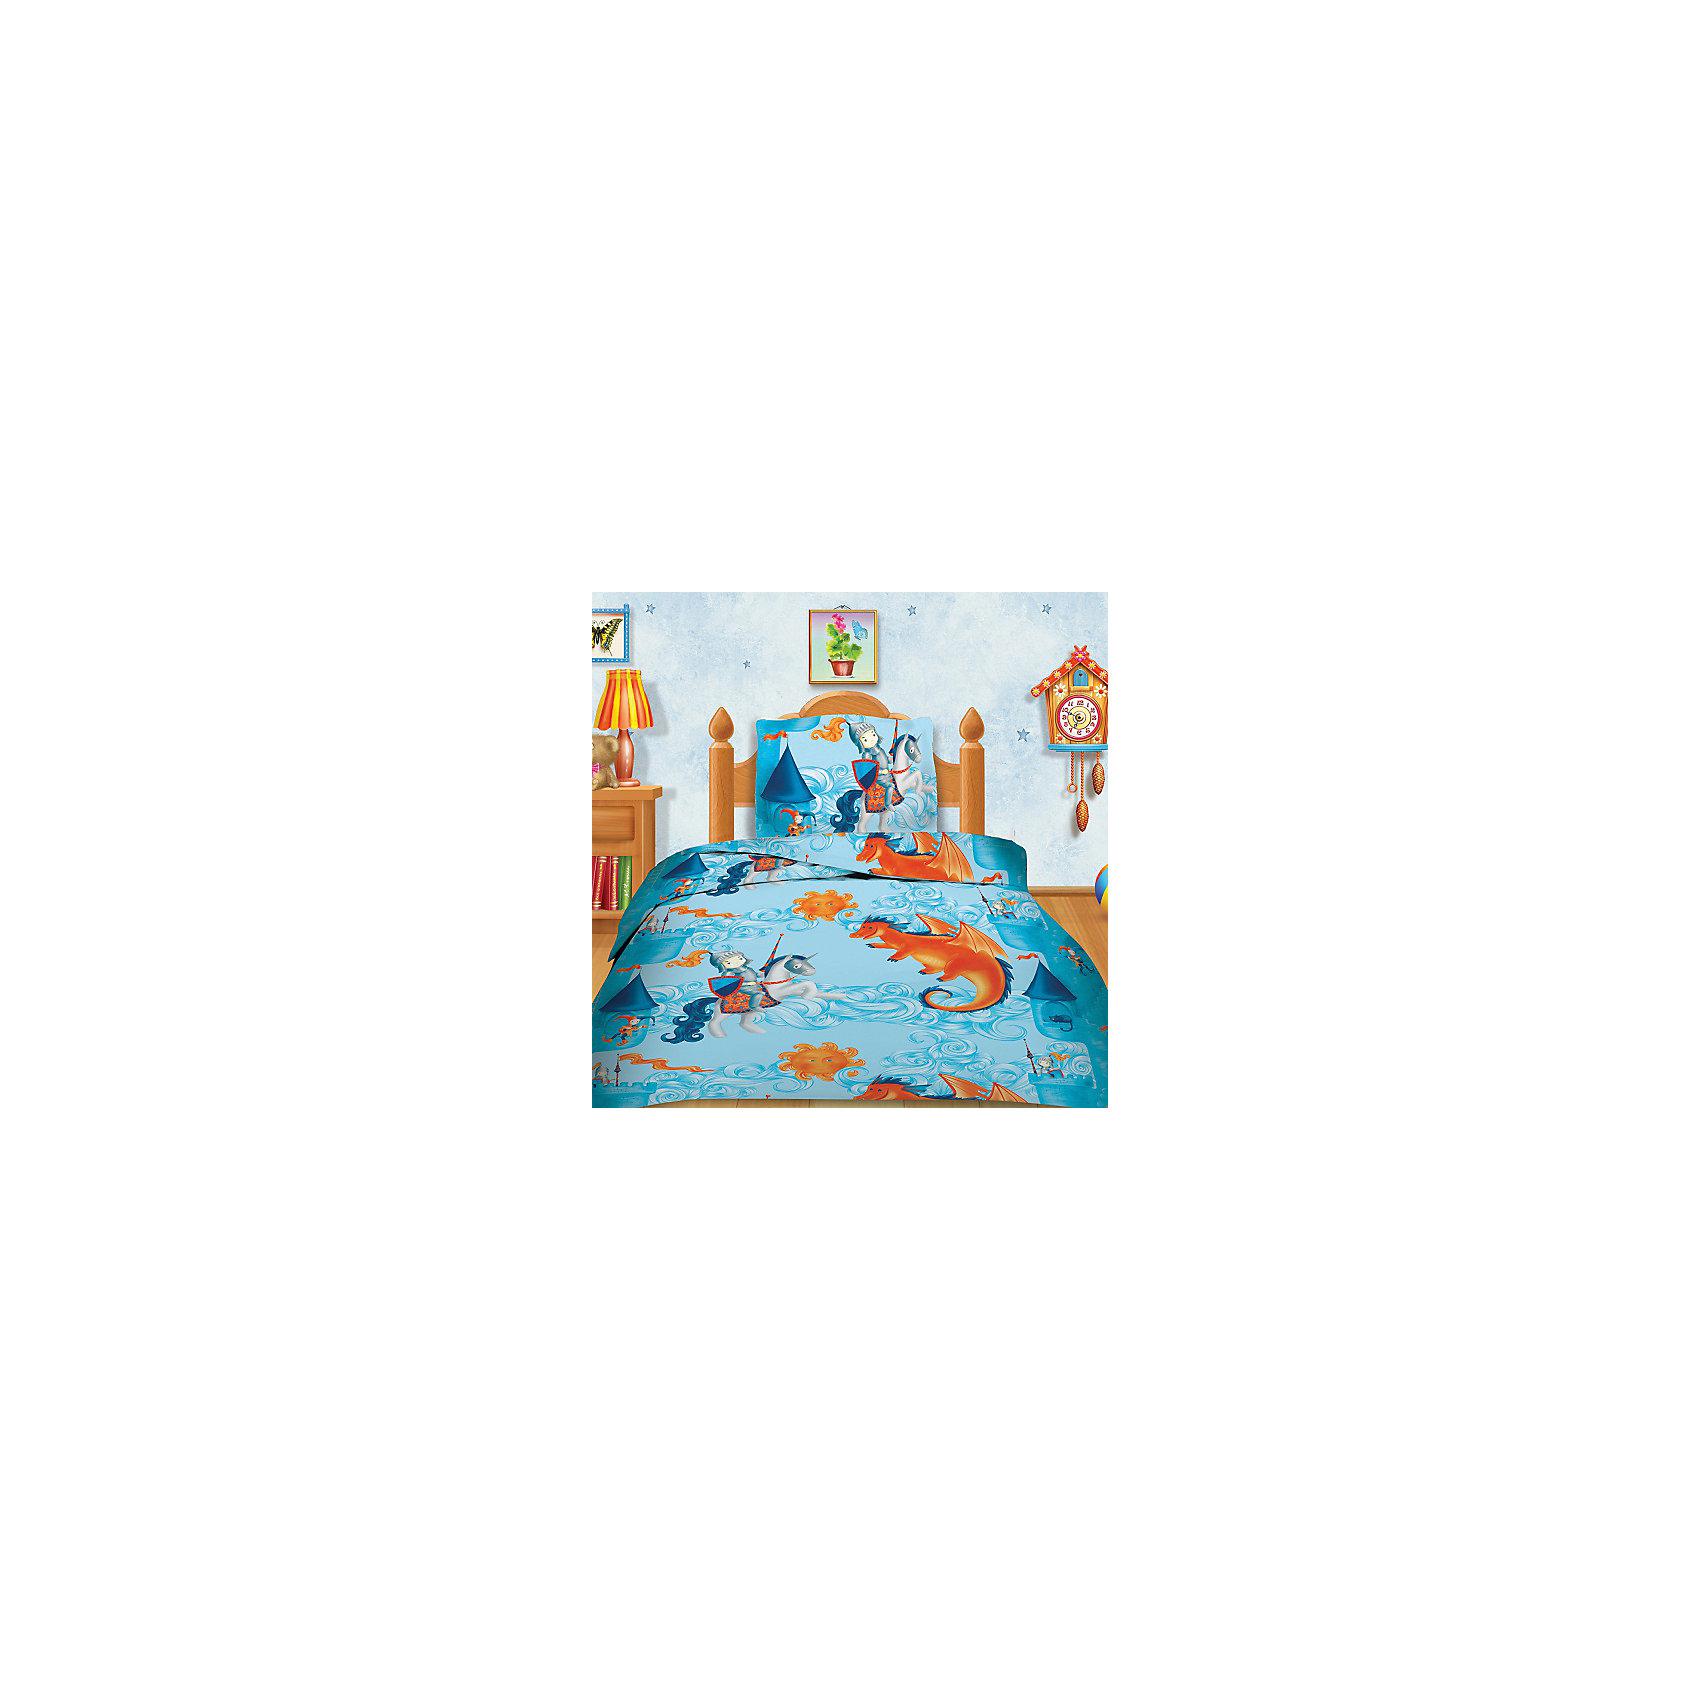 Постельное белье 1,5 Отважный рыцарь, бязь, 70*70, Кошки-мышкиПостельное белье 1,5 Отважный рыцарь, бязь, 70*70, Кошки-мышки – комфортный и красивый КПБ создаст атмосферу уюта в детской комнате.<br>Комплекты детского постельного белья от компании «Неотек» - это многообразие сюжетов и образов, любимые герои отечественных и зарубежных мультфильмов, богатая цветовая палитра и натуральные ткани самого лучшего качества. Комплект постельного белья «Отважный рыцарь» изготовлен из высококачественной бязи (100% хлопка) российского производства с применением прочных и экологически чистых красителей. Постельное белье абсолютно натуральное, гипоаллергенное, соответствует строжайшим экологическим нормам безопасности, комфортное, дышащее, не нарушает естественные процессы терморегуляции, прочное, не линяет, не деформируется и не теряет своих красок даже после многочисленных стирок, а также отличается хорошей износостойкостью.<br><br>Дополнительная информация:<br><br>- 1,5 спальный<br>- В комплекте: пододеяльник 215х143 см, простыня 214х150 см, наволочка 1 шт. 70х70 см.<br>- Материал: бязь (100% хлопок)<br><br>Постельное белье 1,5 Отважный рыцарь, бязь, 70*70, Кошки-мышки можно купить в нашем интернет-магазине.<br><br>Ширина мм: 230<br>Глубина мм: 350<br>Высота мм: 40<br>Вес г: 1200<br>Возраст от месяцев: 48<br>Возраст до месяцев: 144<br>Пол: Унисекс<br>Возраст: Детский<br>SKU: 4945330